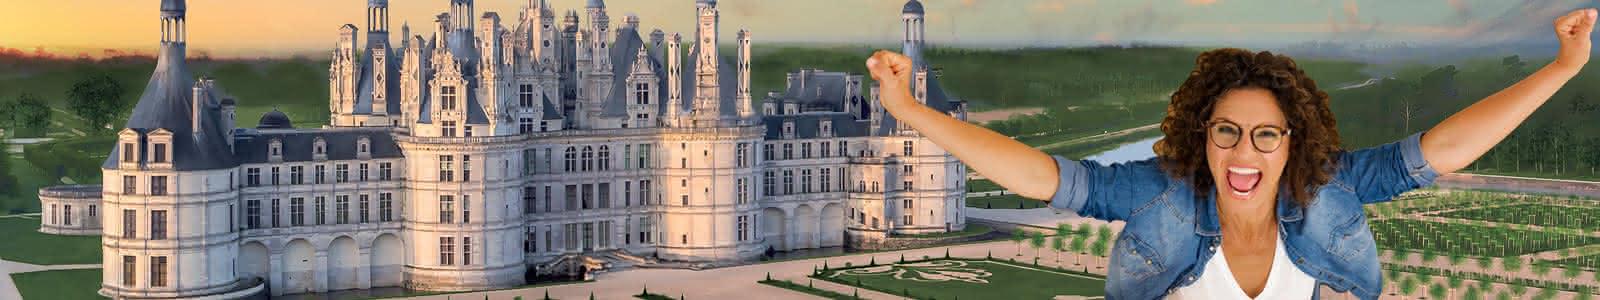 Grand jeu : gagnez des séjours et des entrées touristiques en Loir-et-Cher Val de Loire